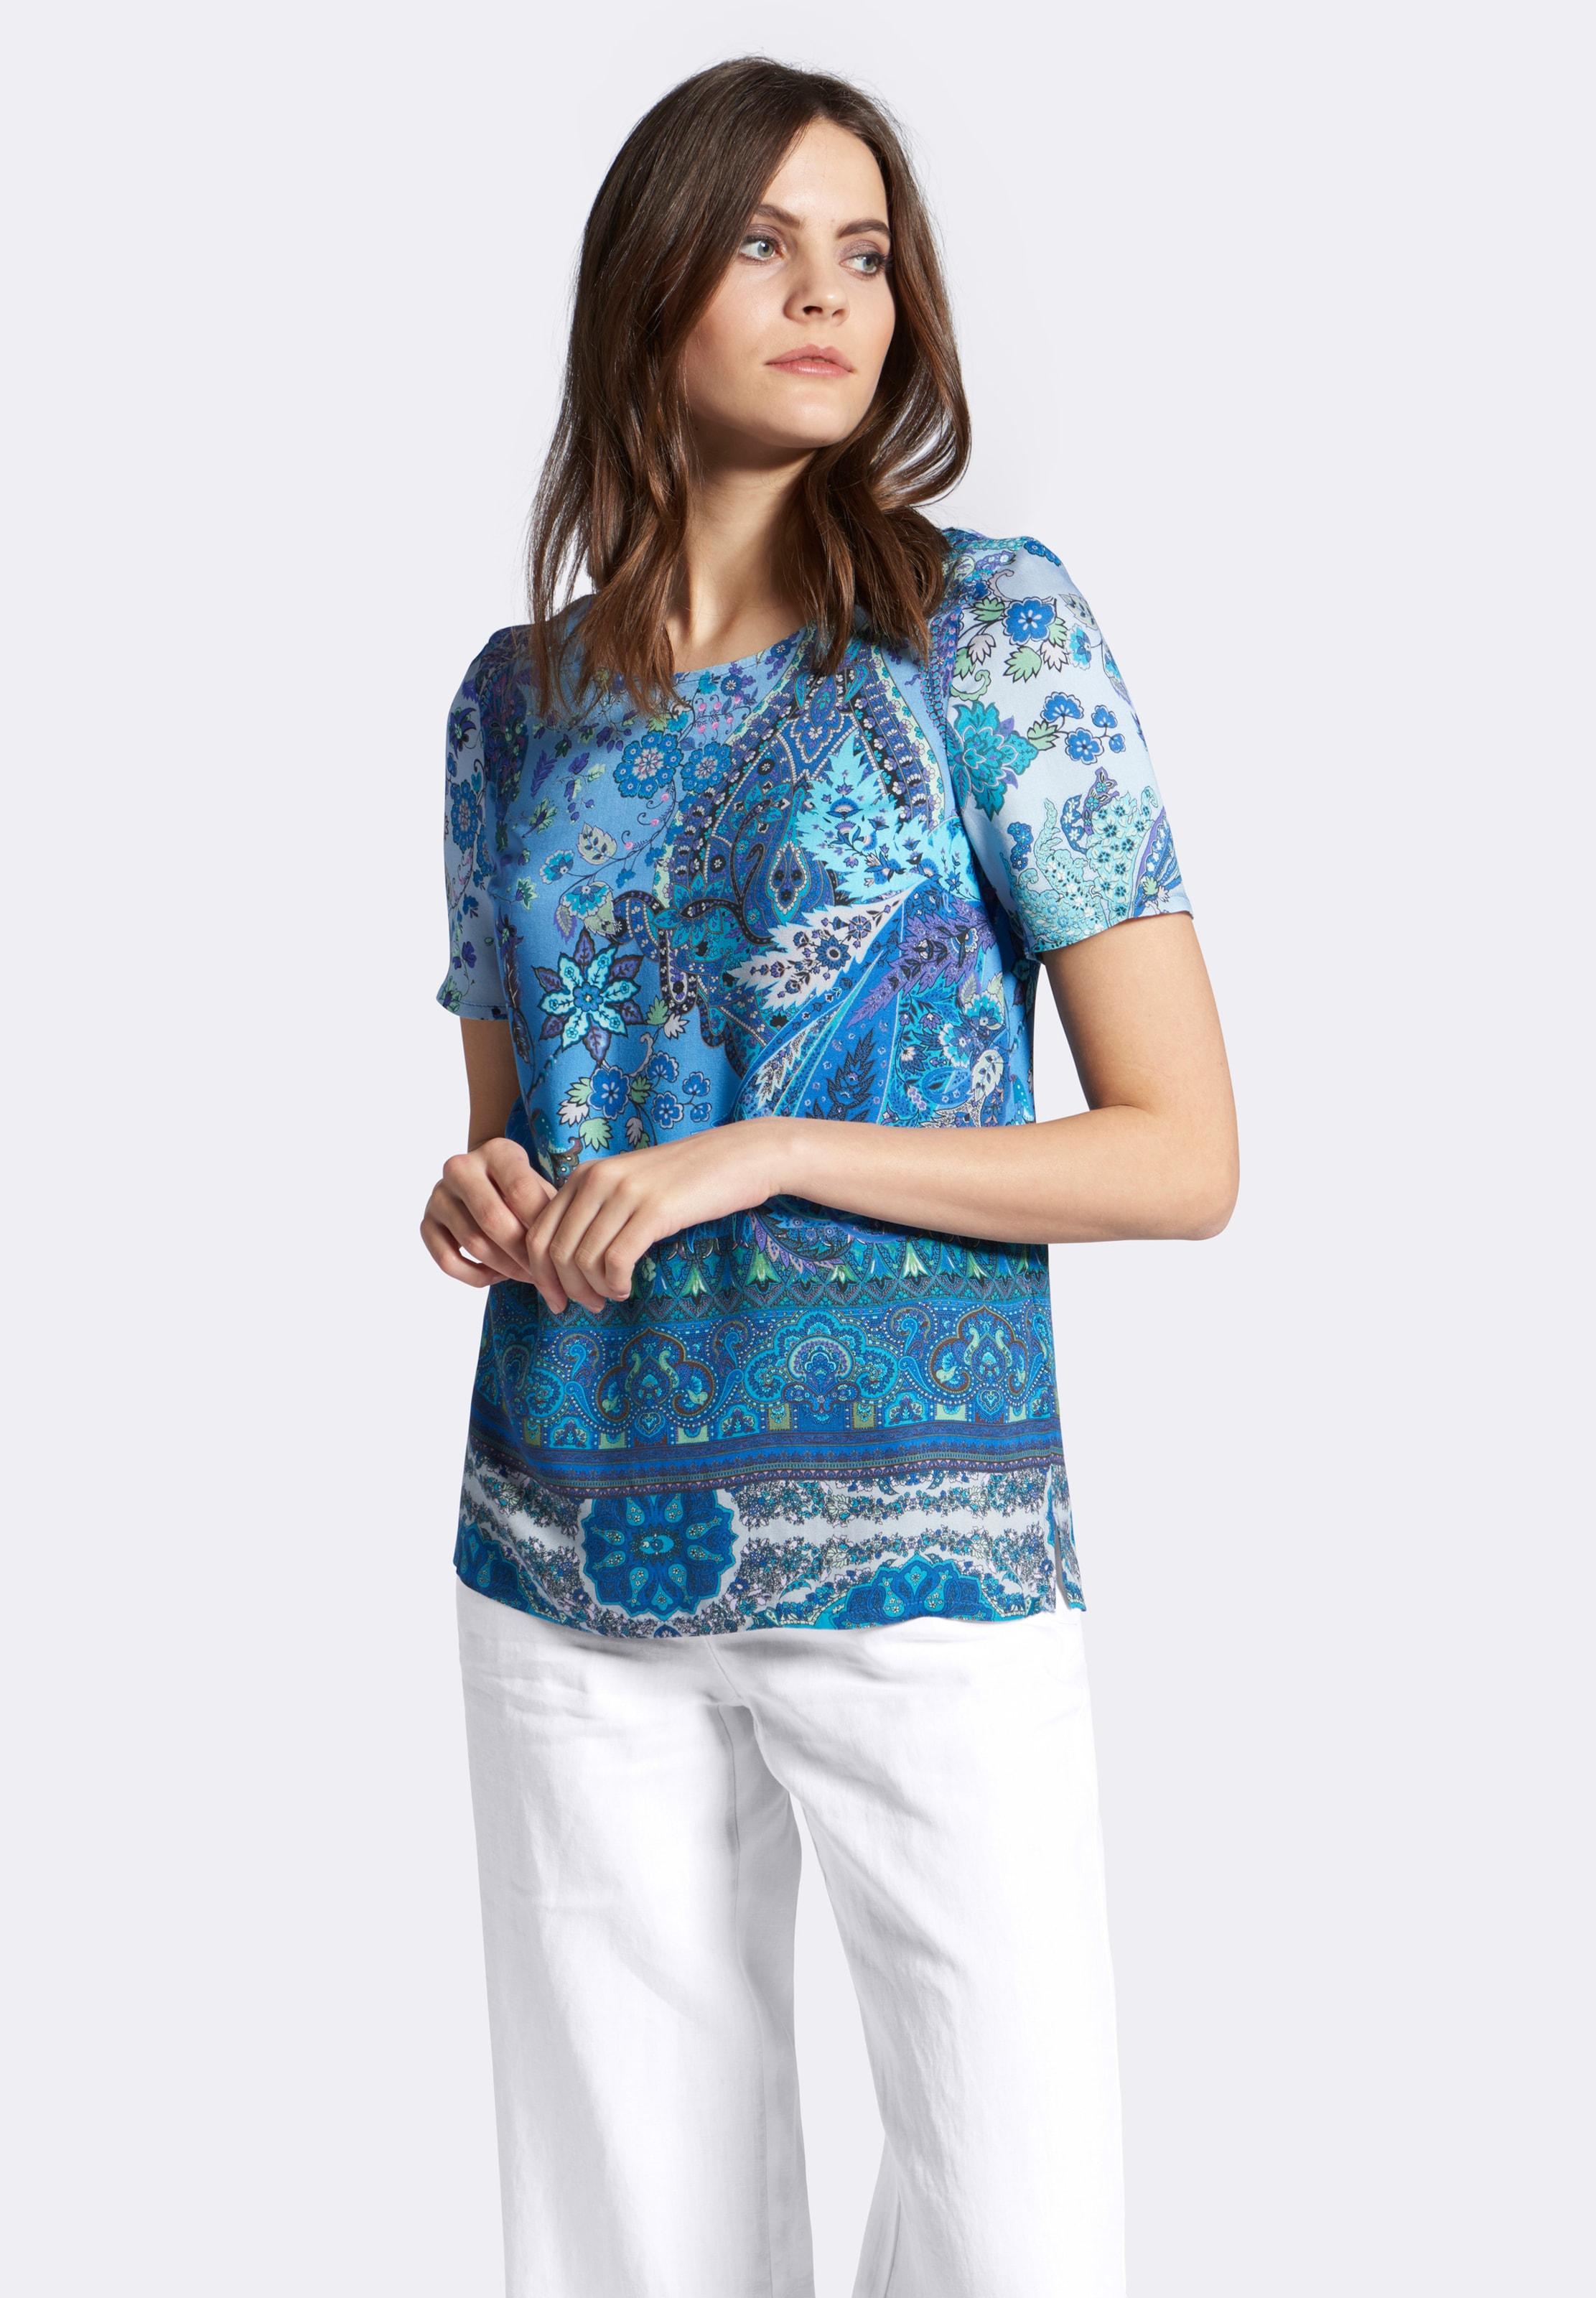 ausschnitt Blau shirt Peter Hahn Rundhals In Blusen Mit dCtQsrxh